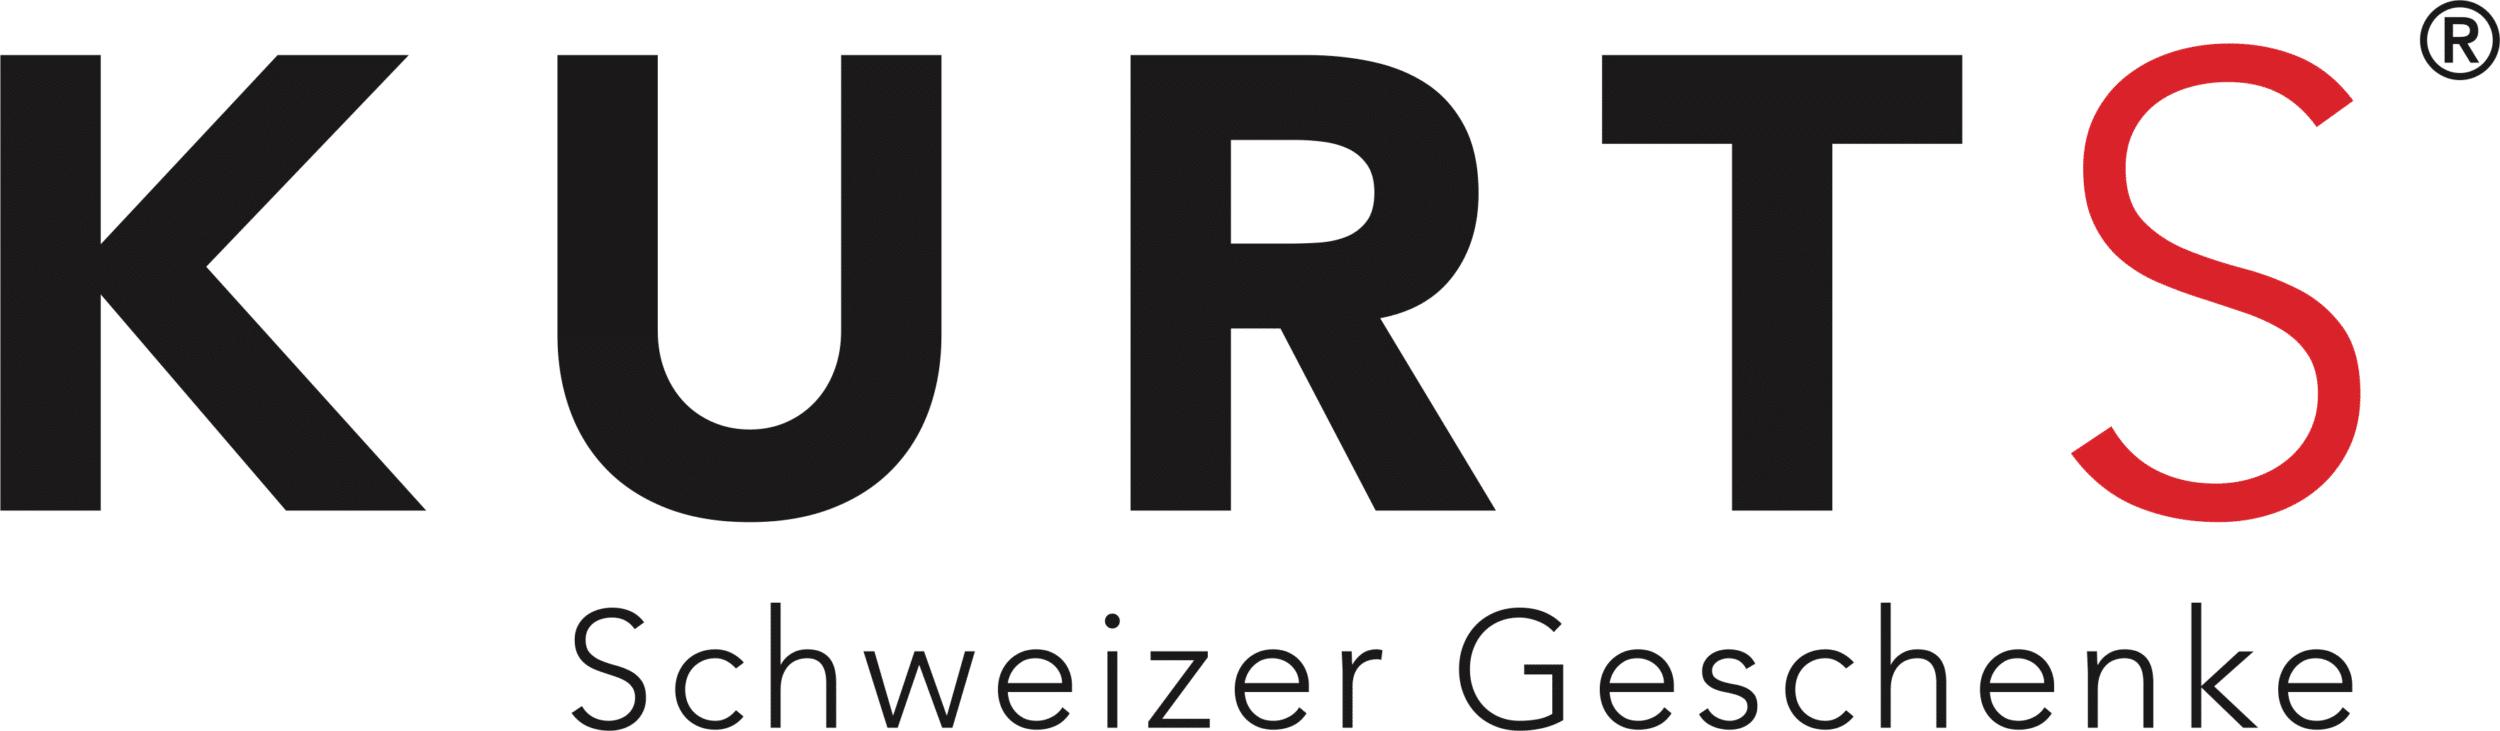 KURTS | Schweizer Geschenke